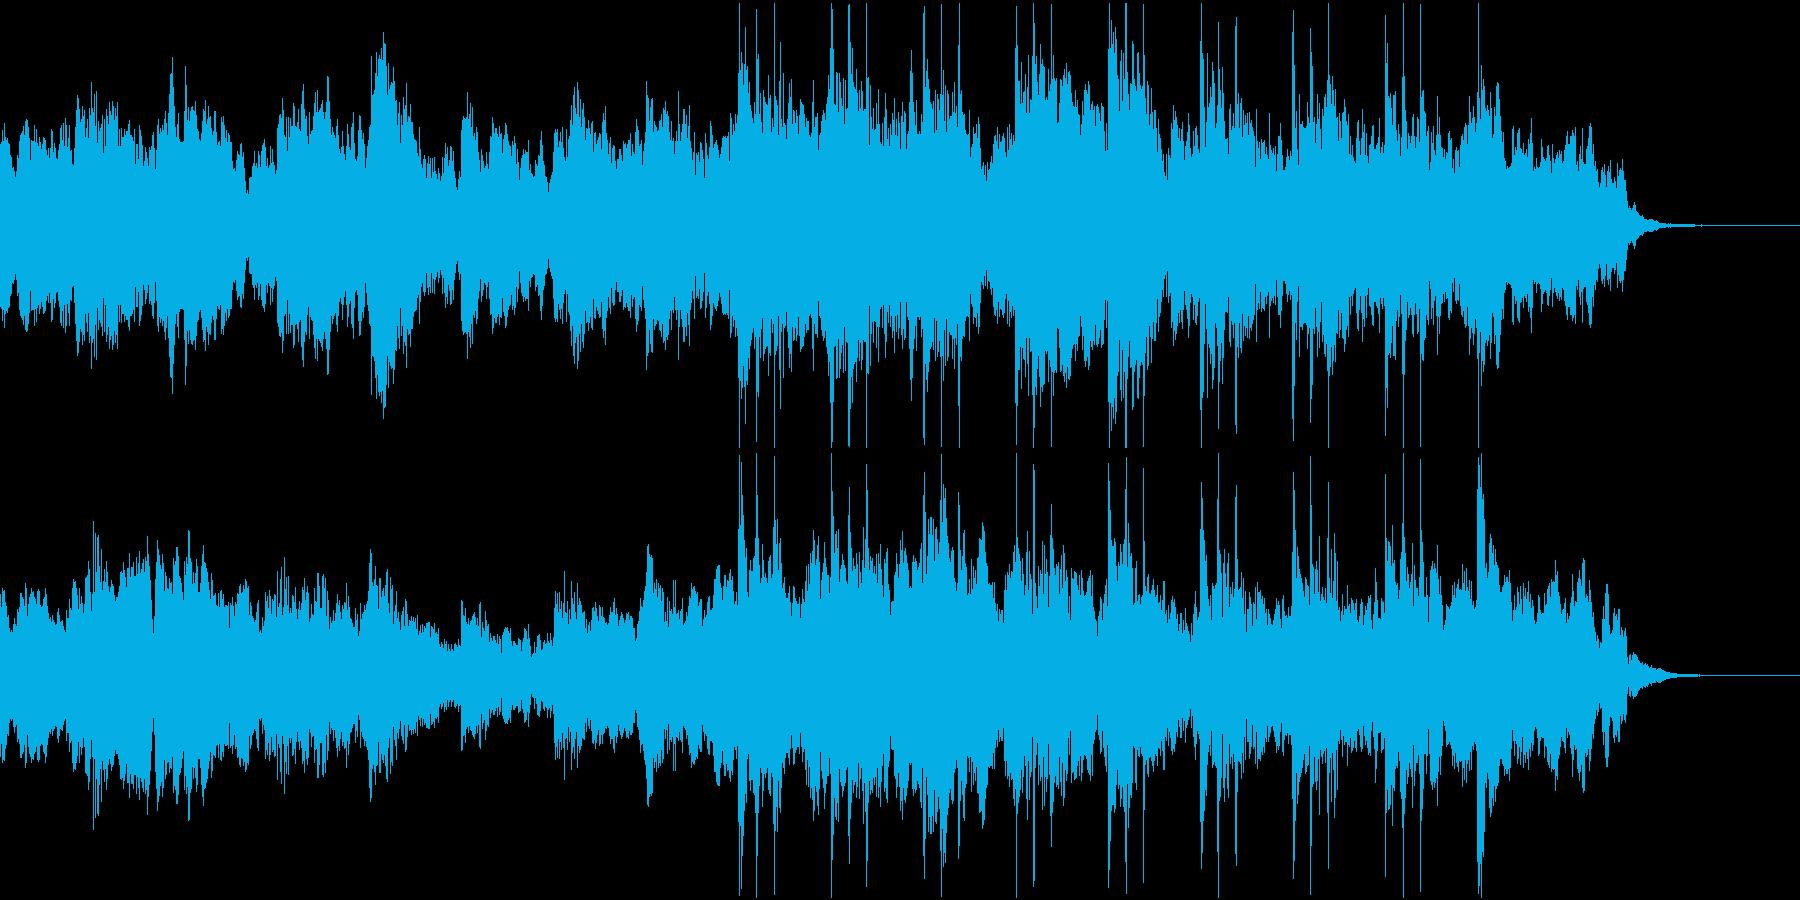 アンビエント 秘密 迷宮 謎 不思議の再生済みの波形